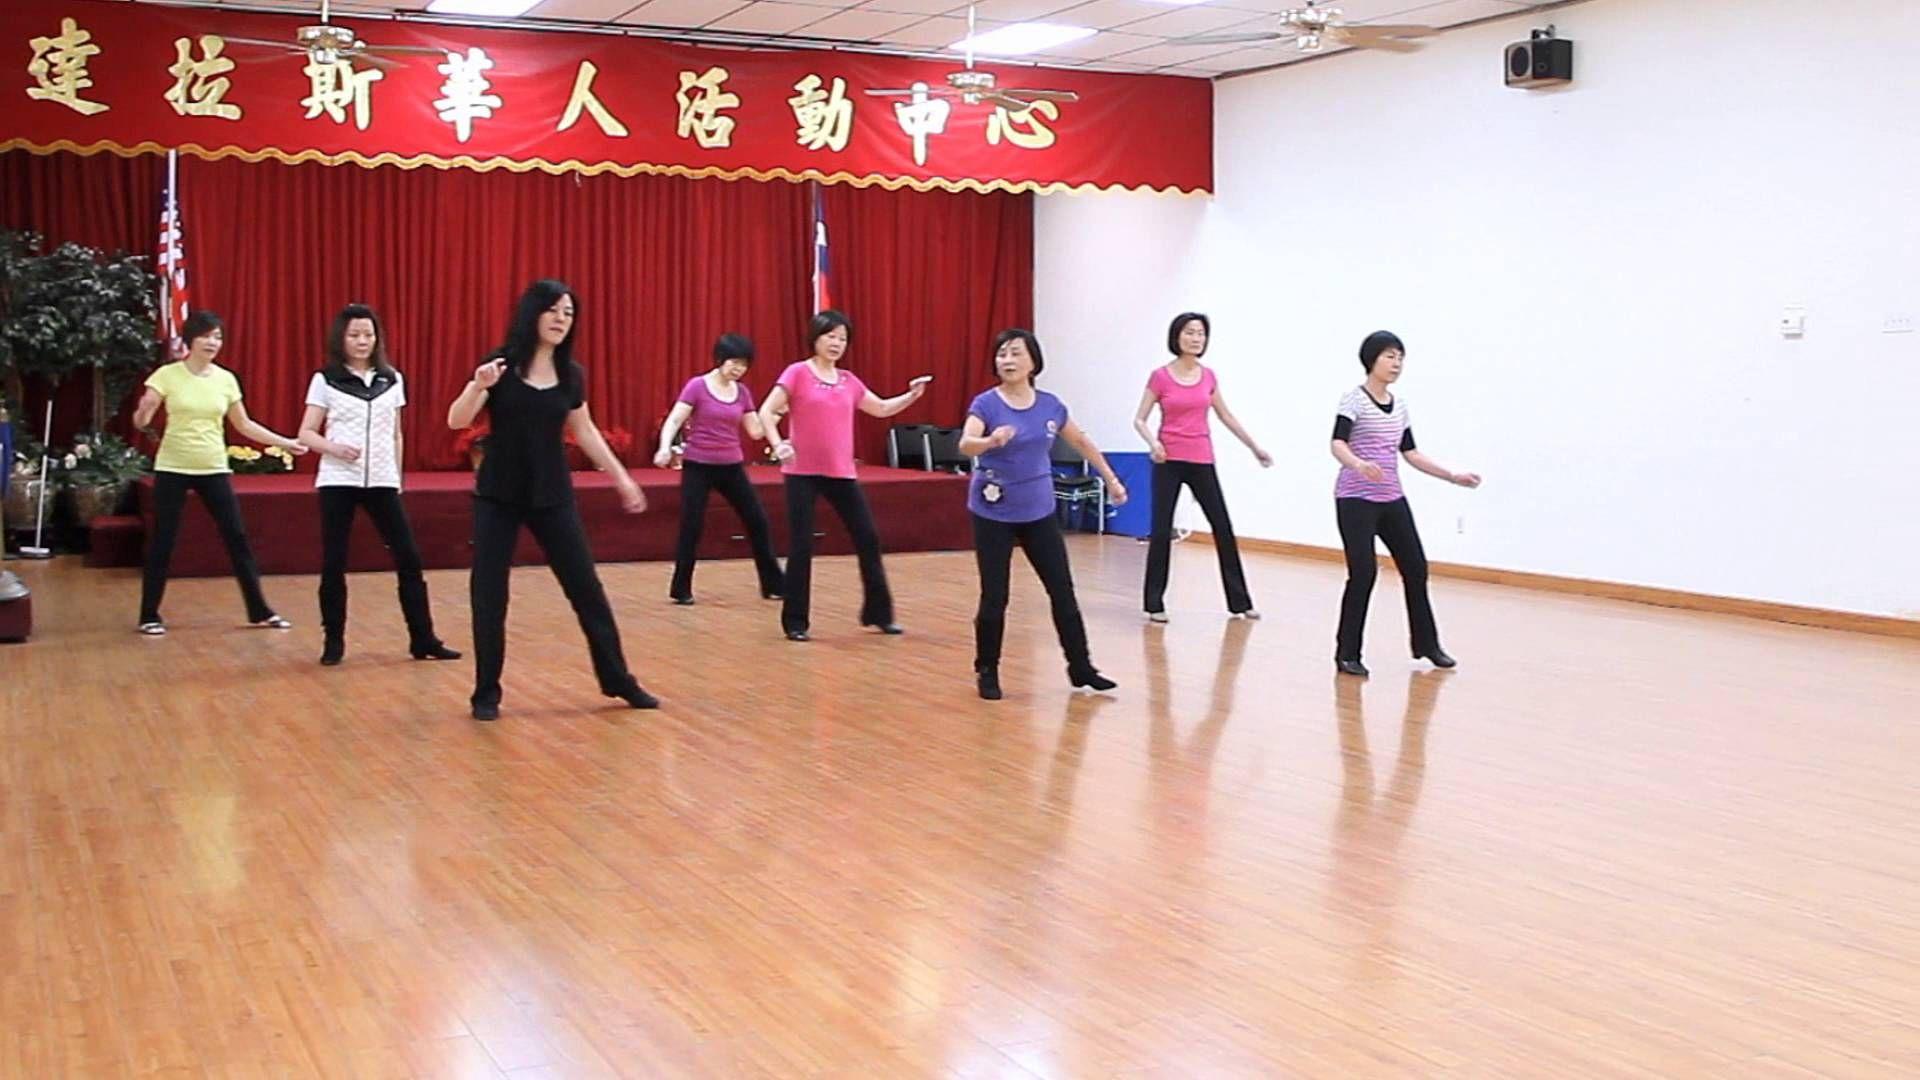 Running Line Dance (Dance & Teach) Teaching, Dance